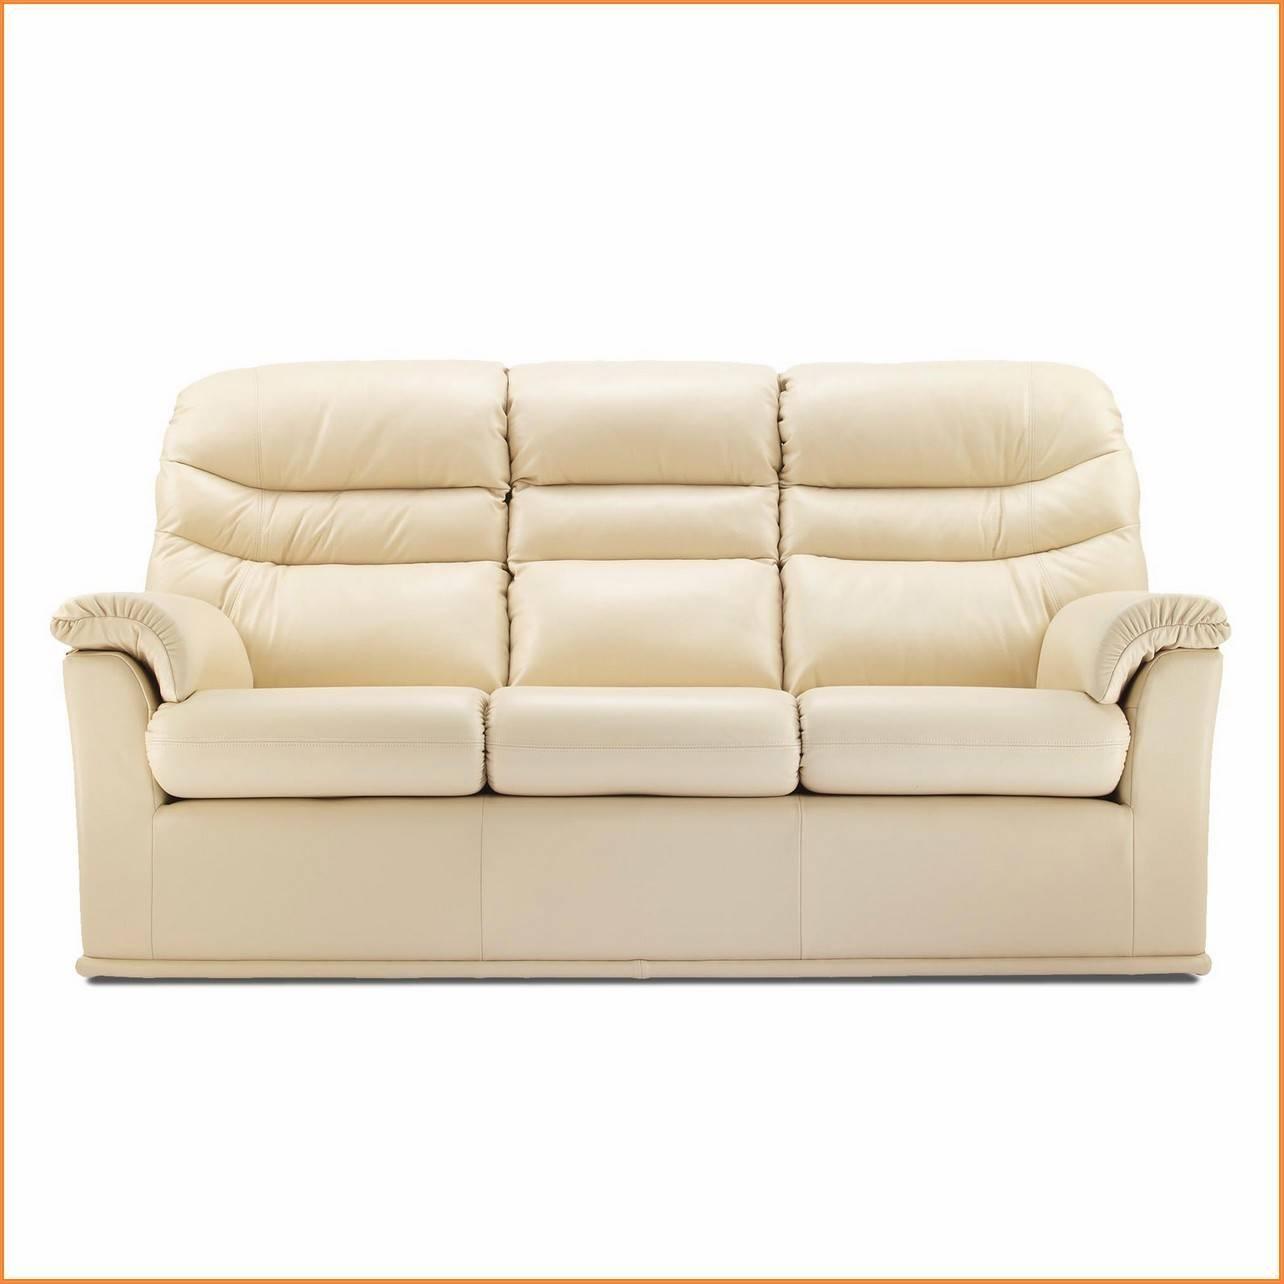 Sofa. Sealy Sofa - Rueckspiegel for Sealy Sofas (Image 15 of 15)